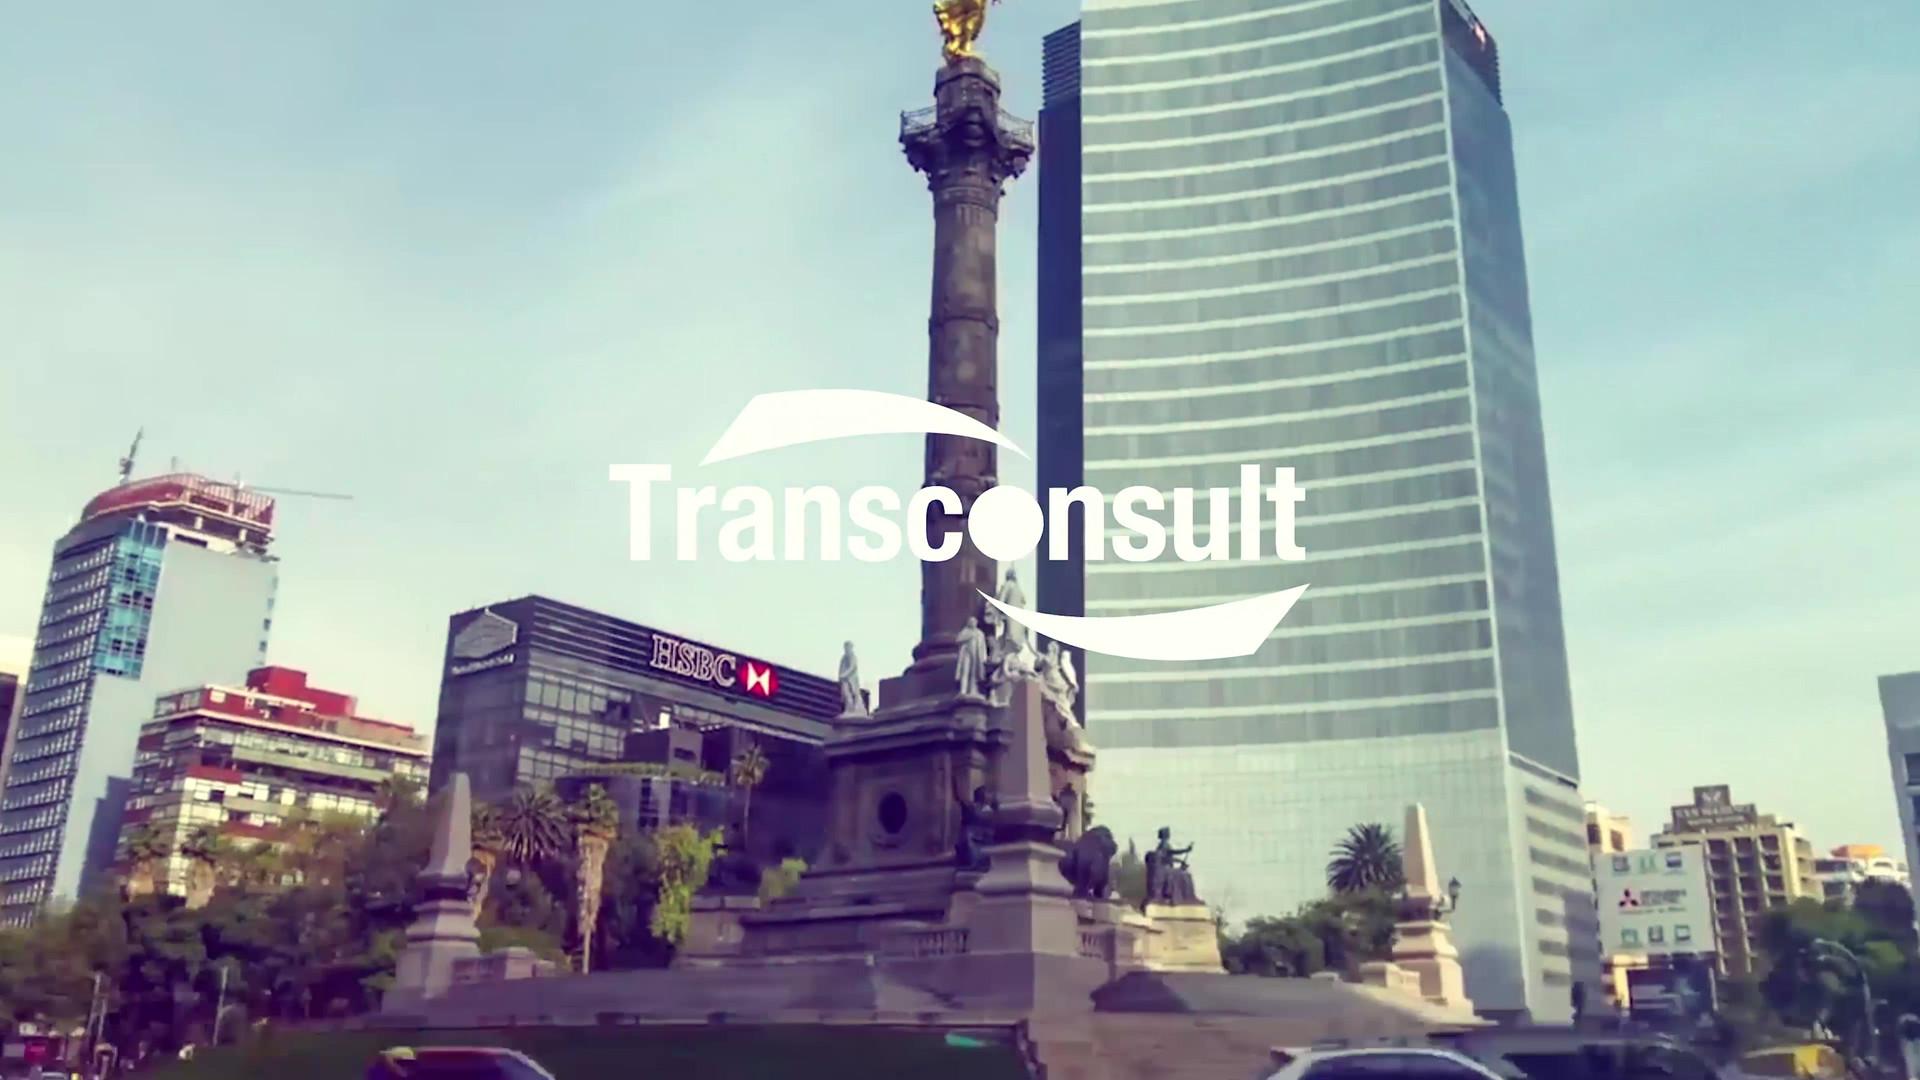 Cliente: Transconsult